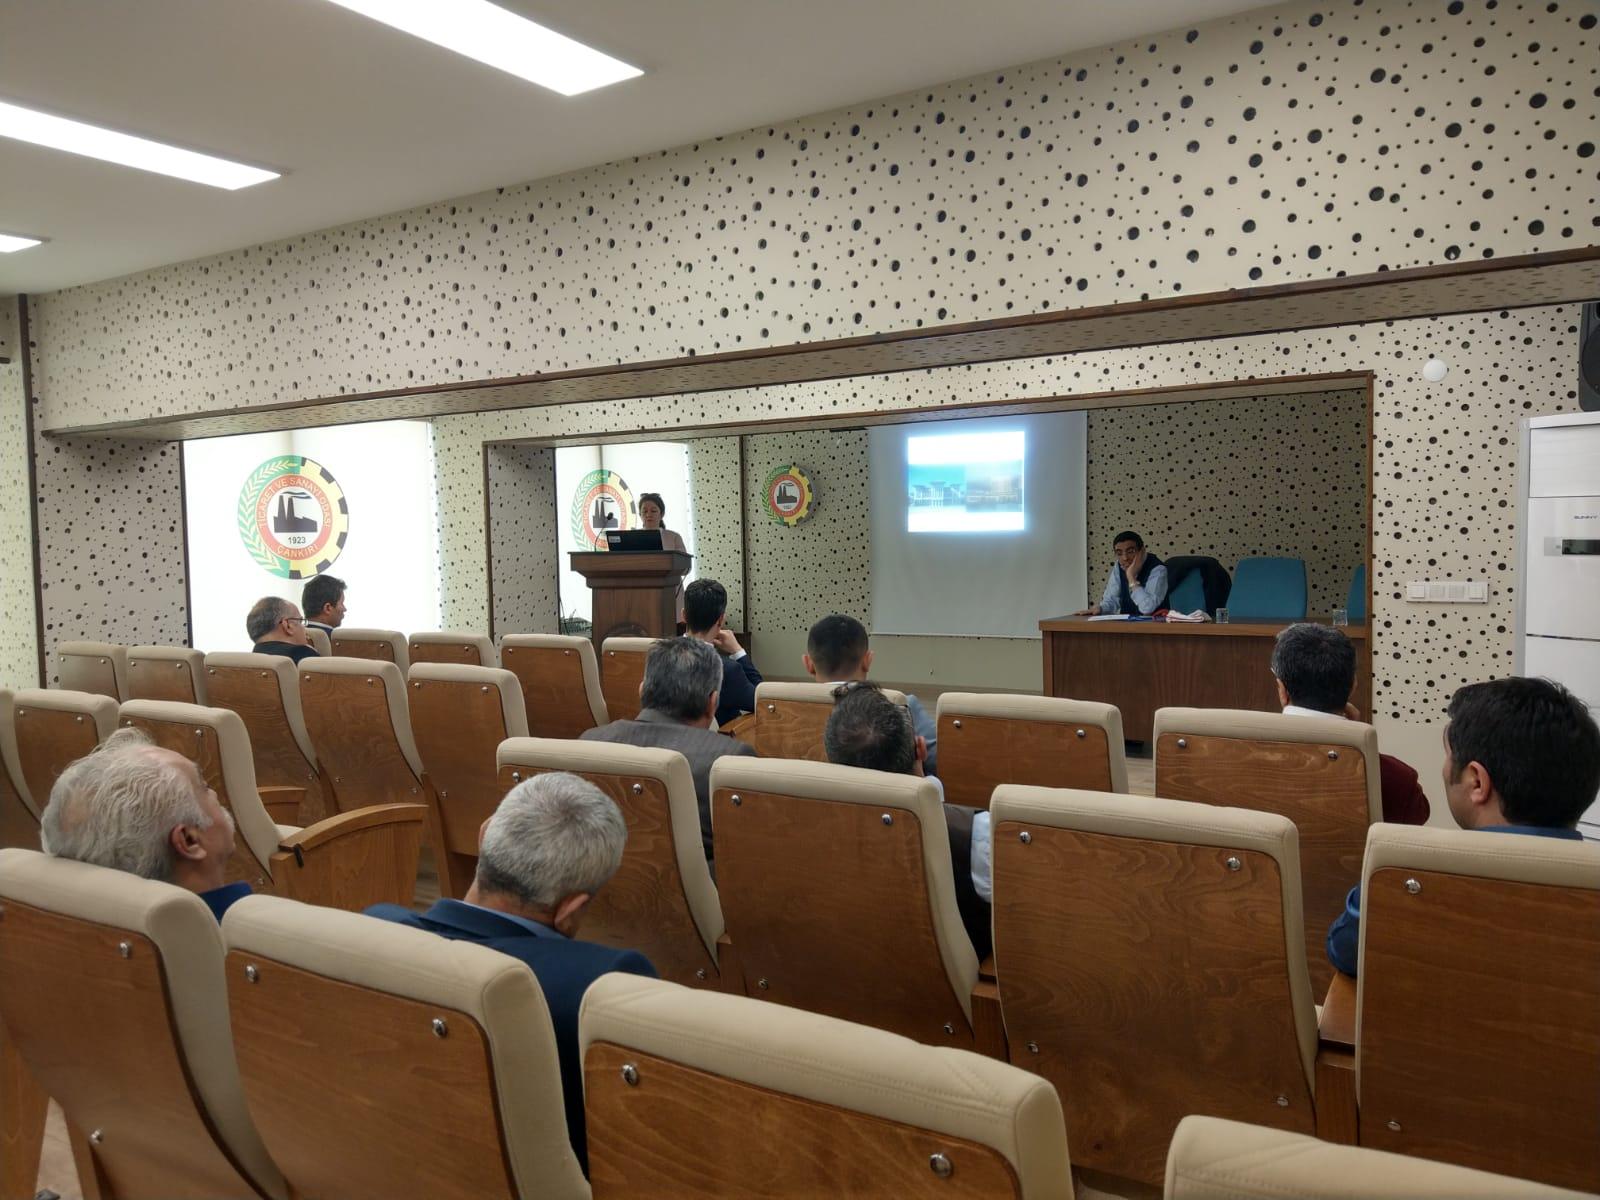 Çankırı Sanayi ve Teknoloji İl Müdürlüğüne Sıfır atık projesi sunumu yapıldı